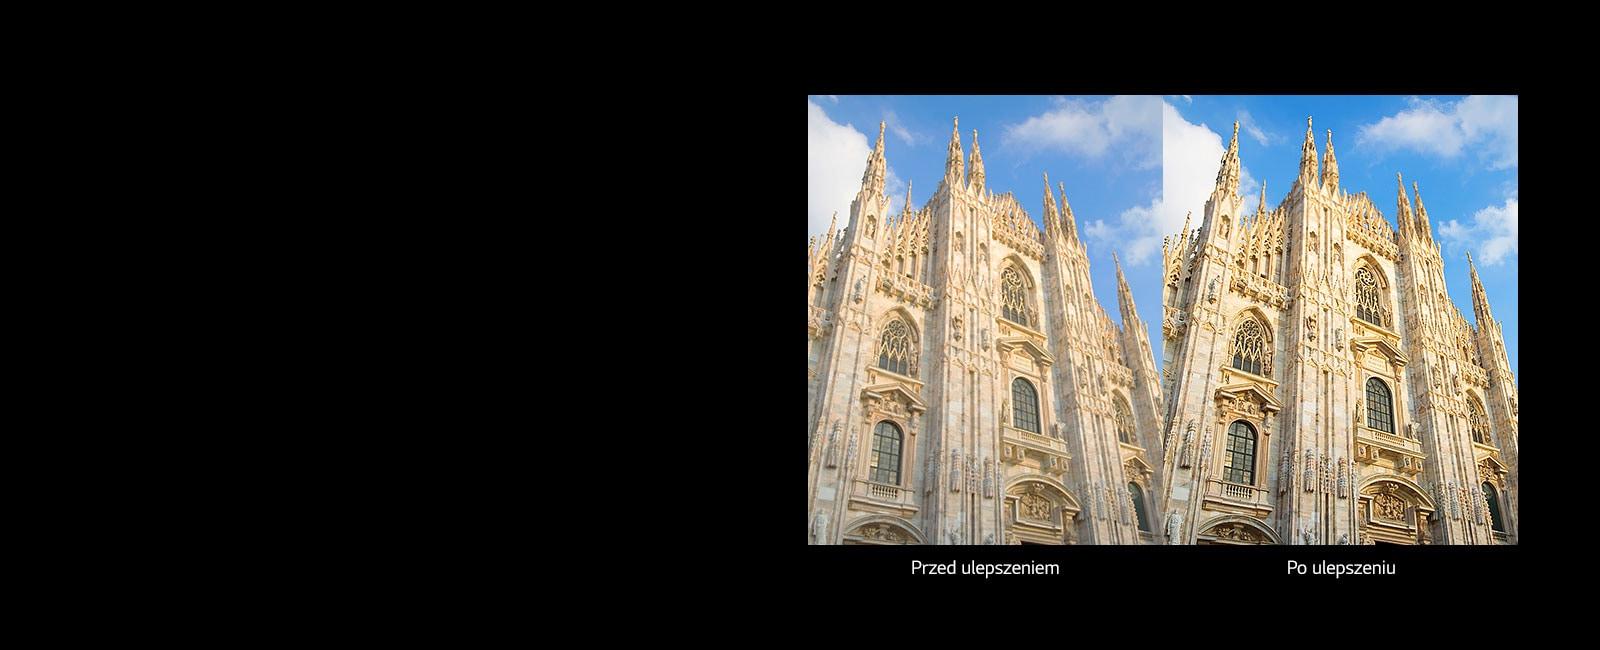 Porównanie obrazu kościoła katolickiego przed ulepszeniem i po ulepszeniu